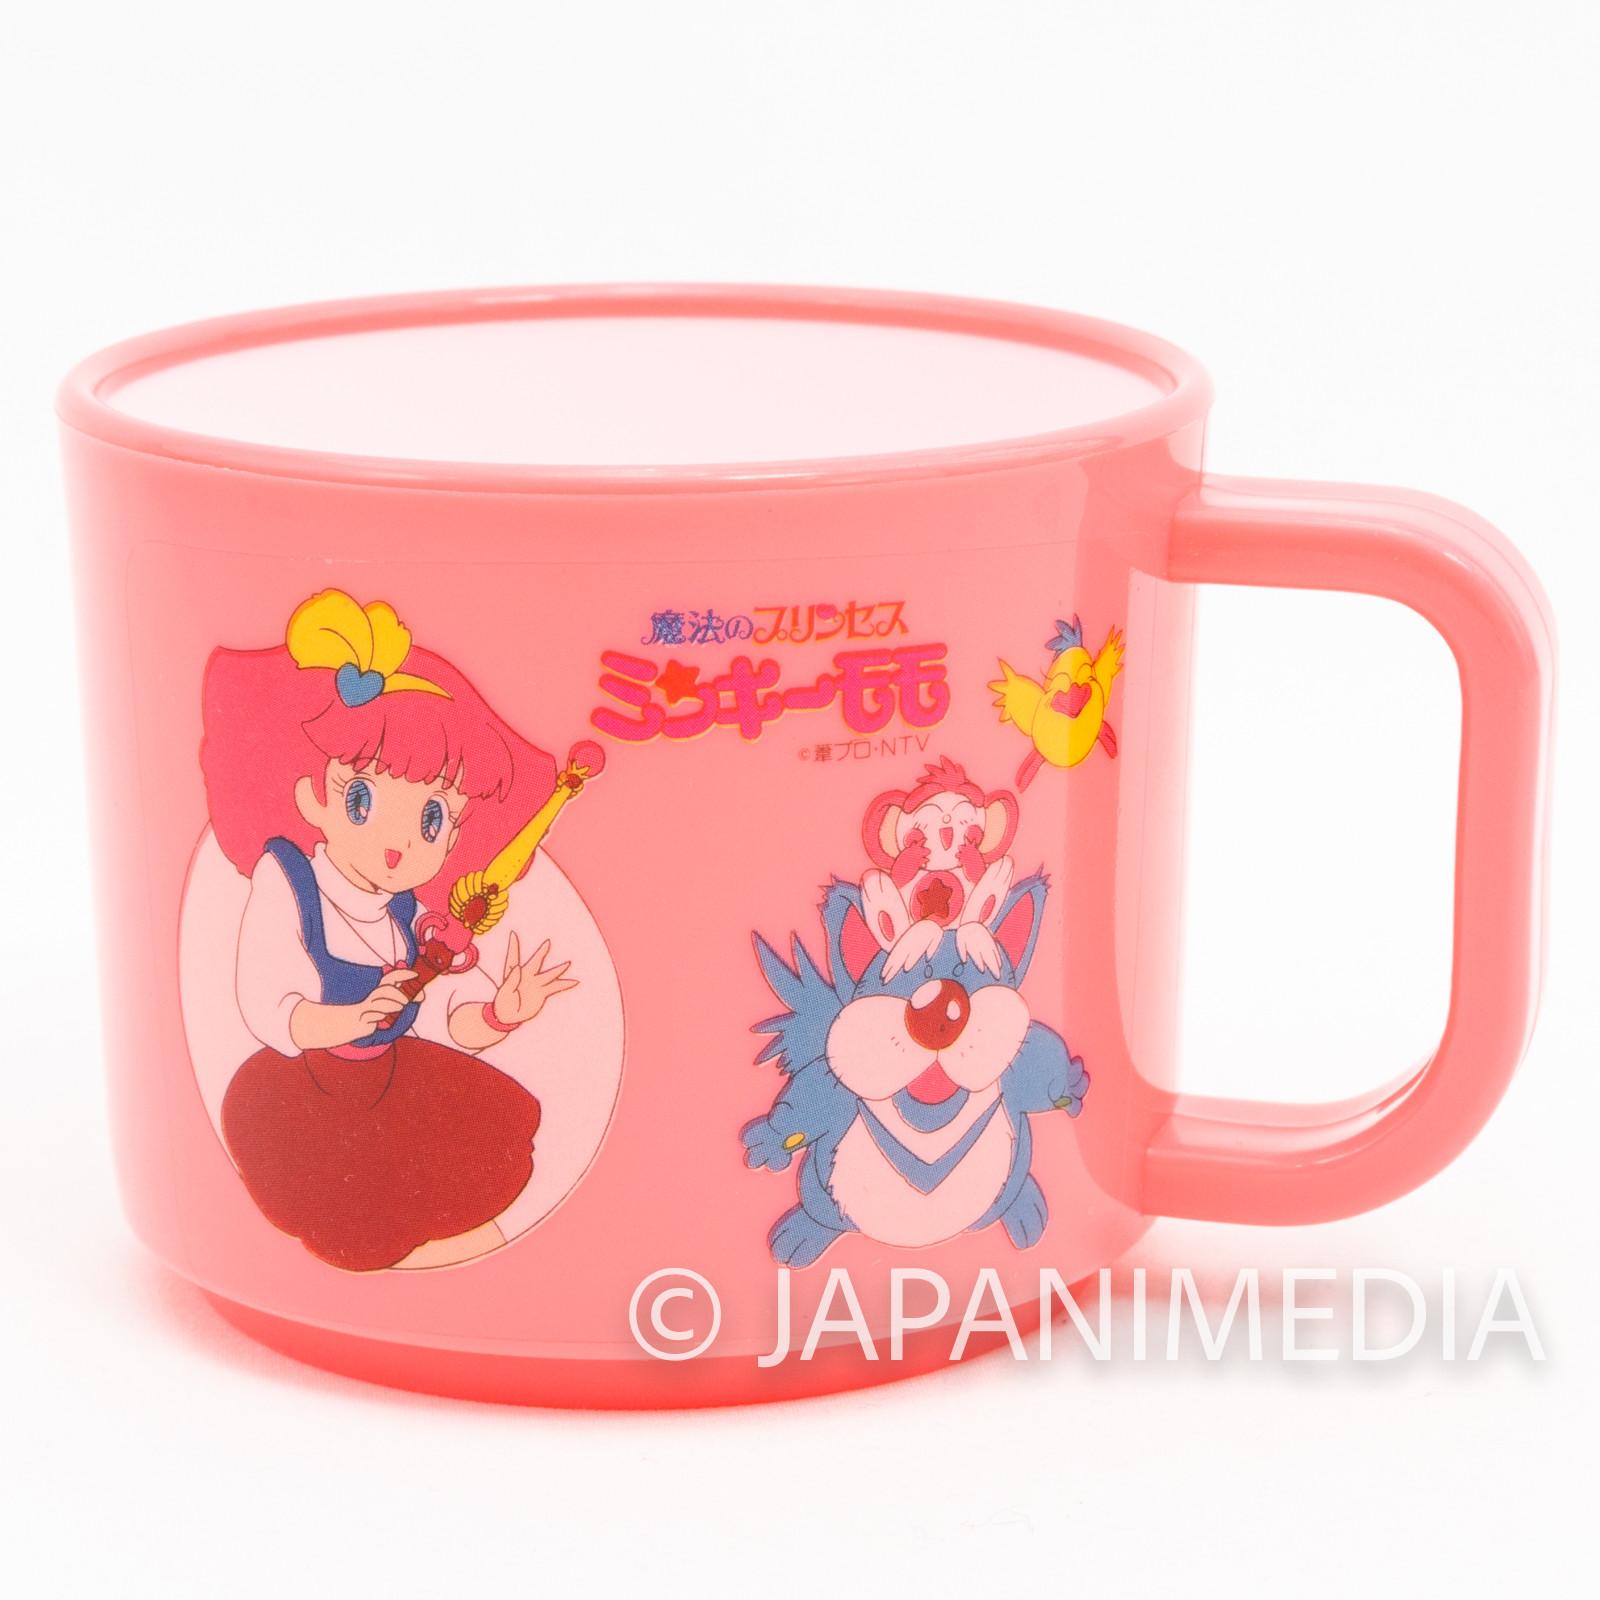 Magical Princess Minky Momo Plastic Mug JAPAN ANIME